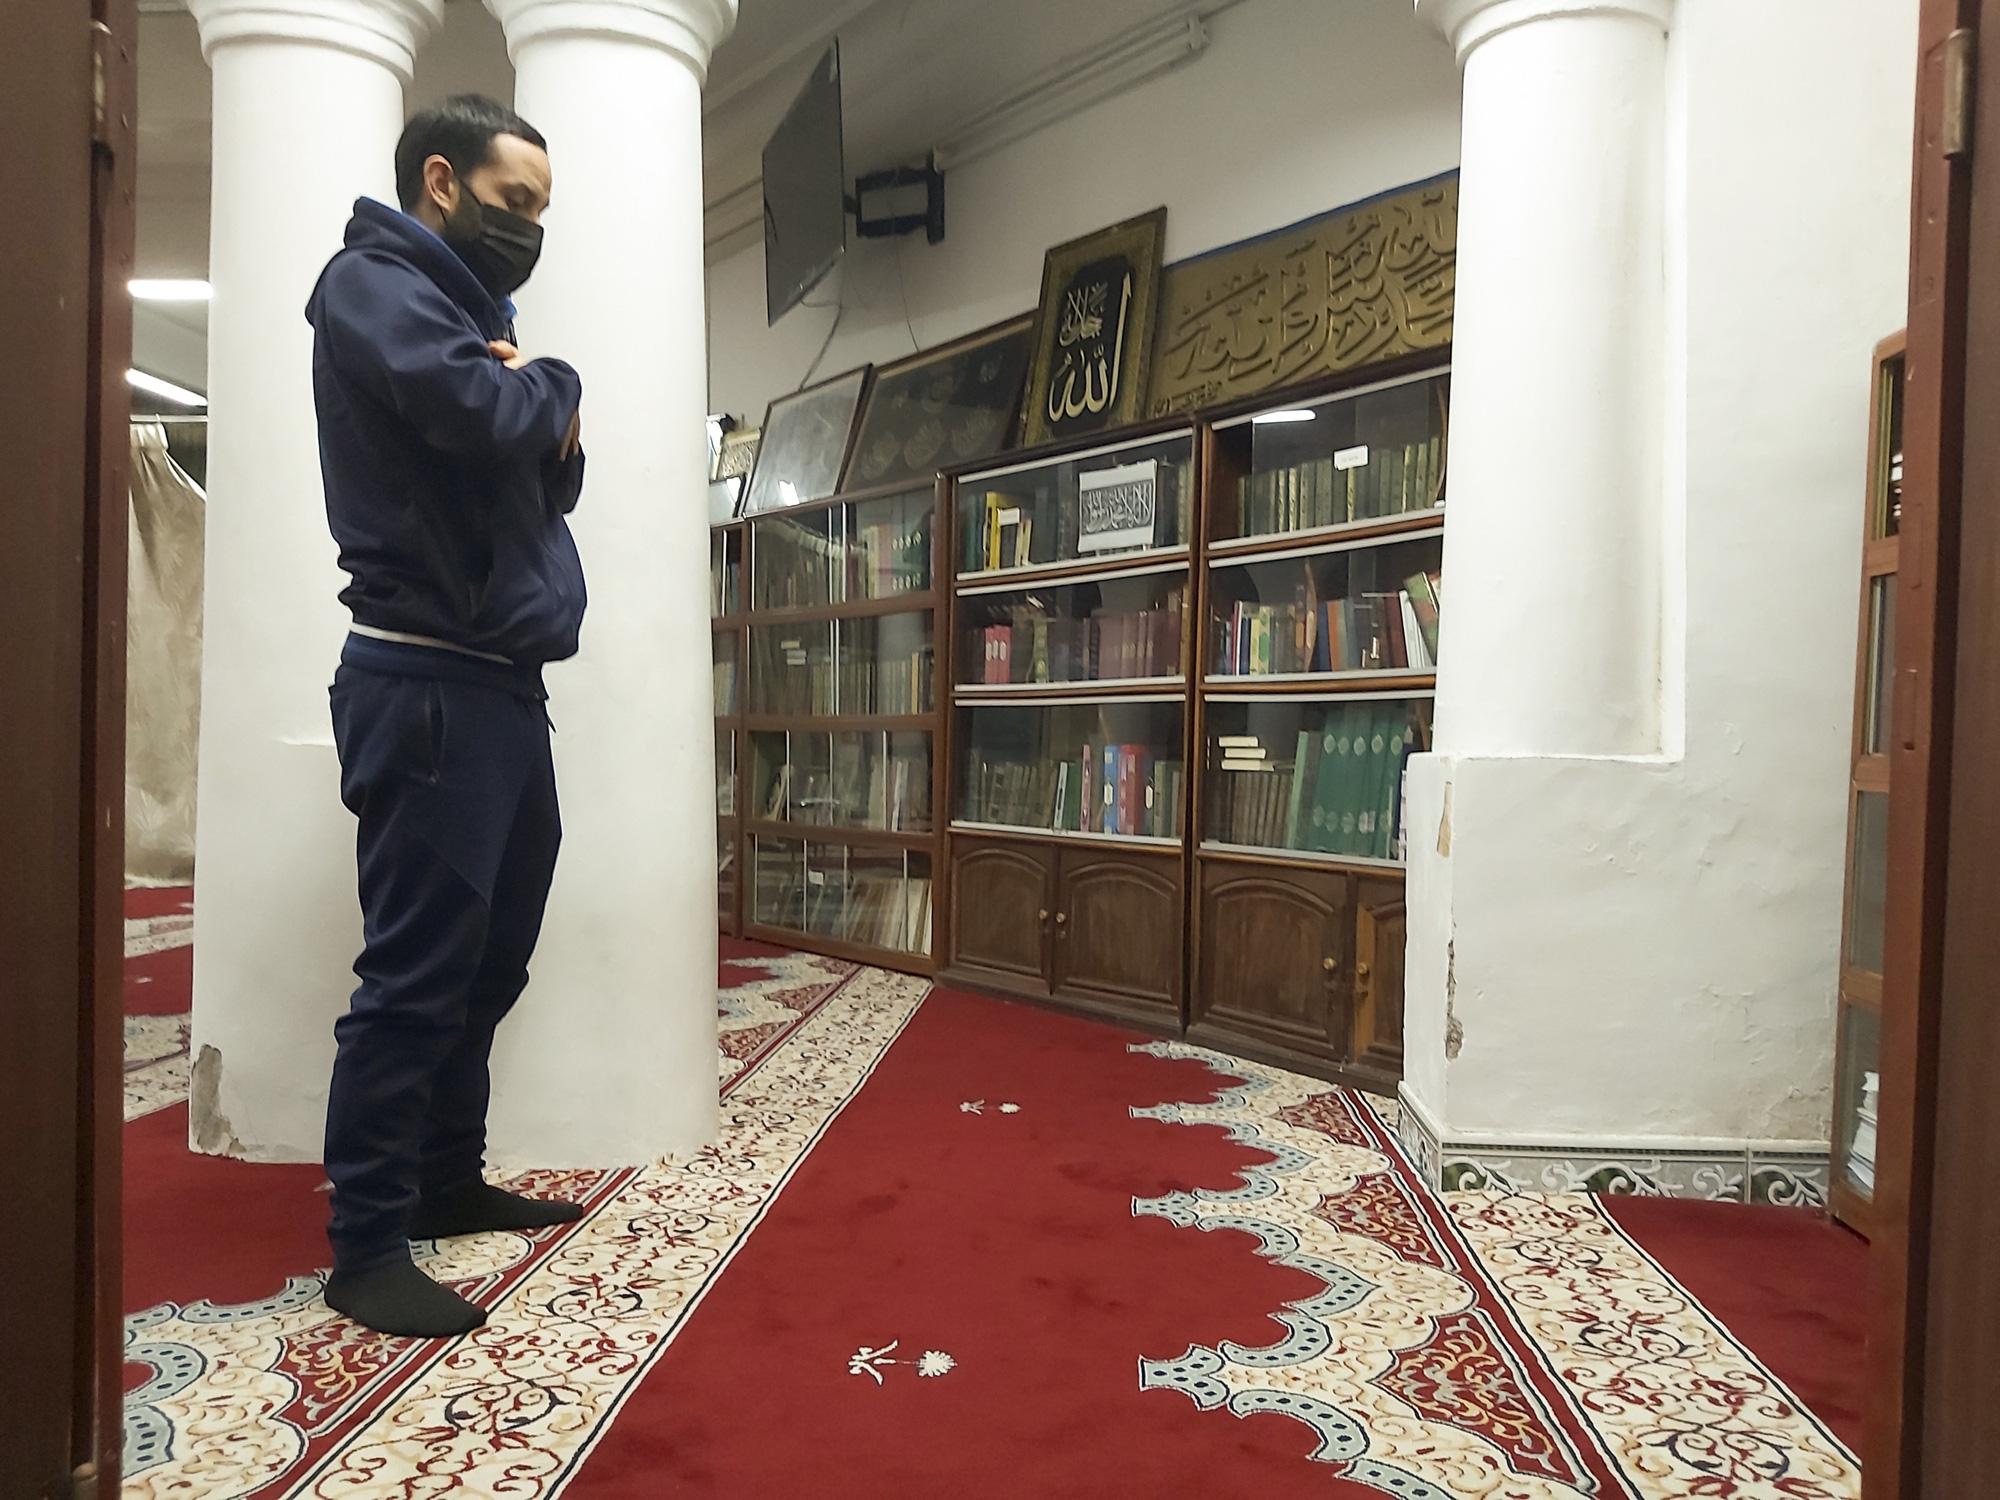 """Những điều """"huyền bí"""" bên trong thánh đường Hồi giáo duy nhất ở miền Bắc - Ảnh 11."""